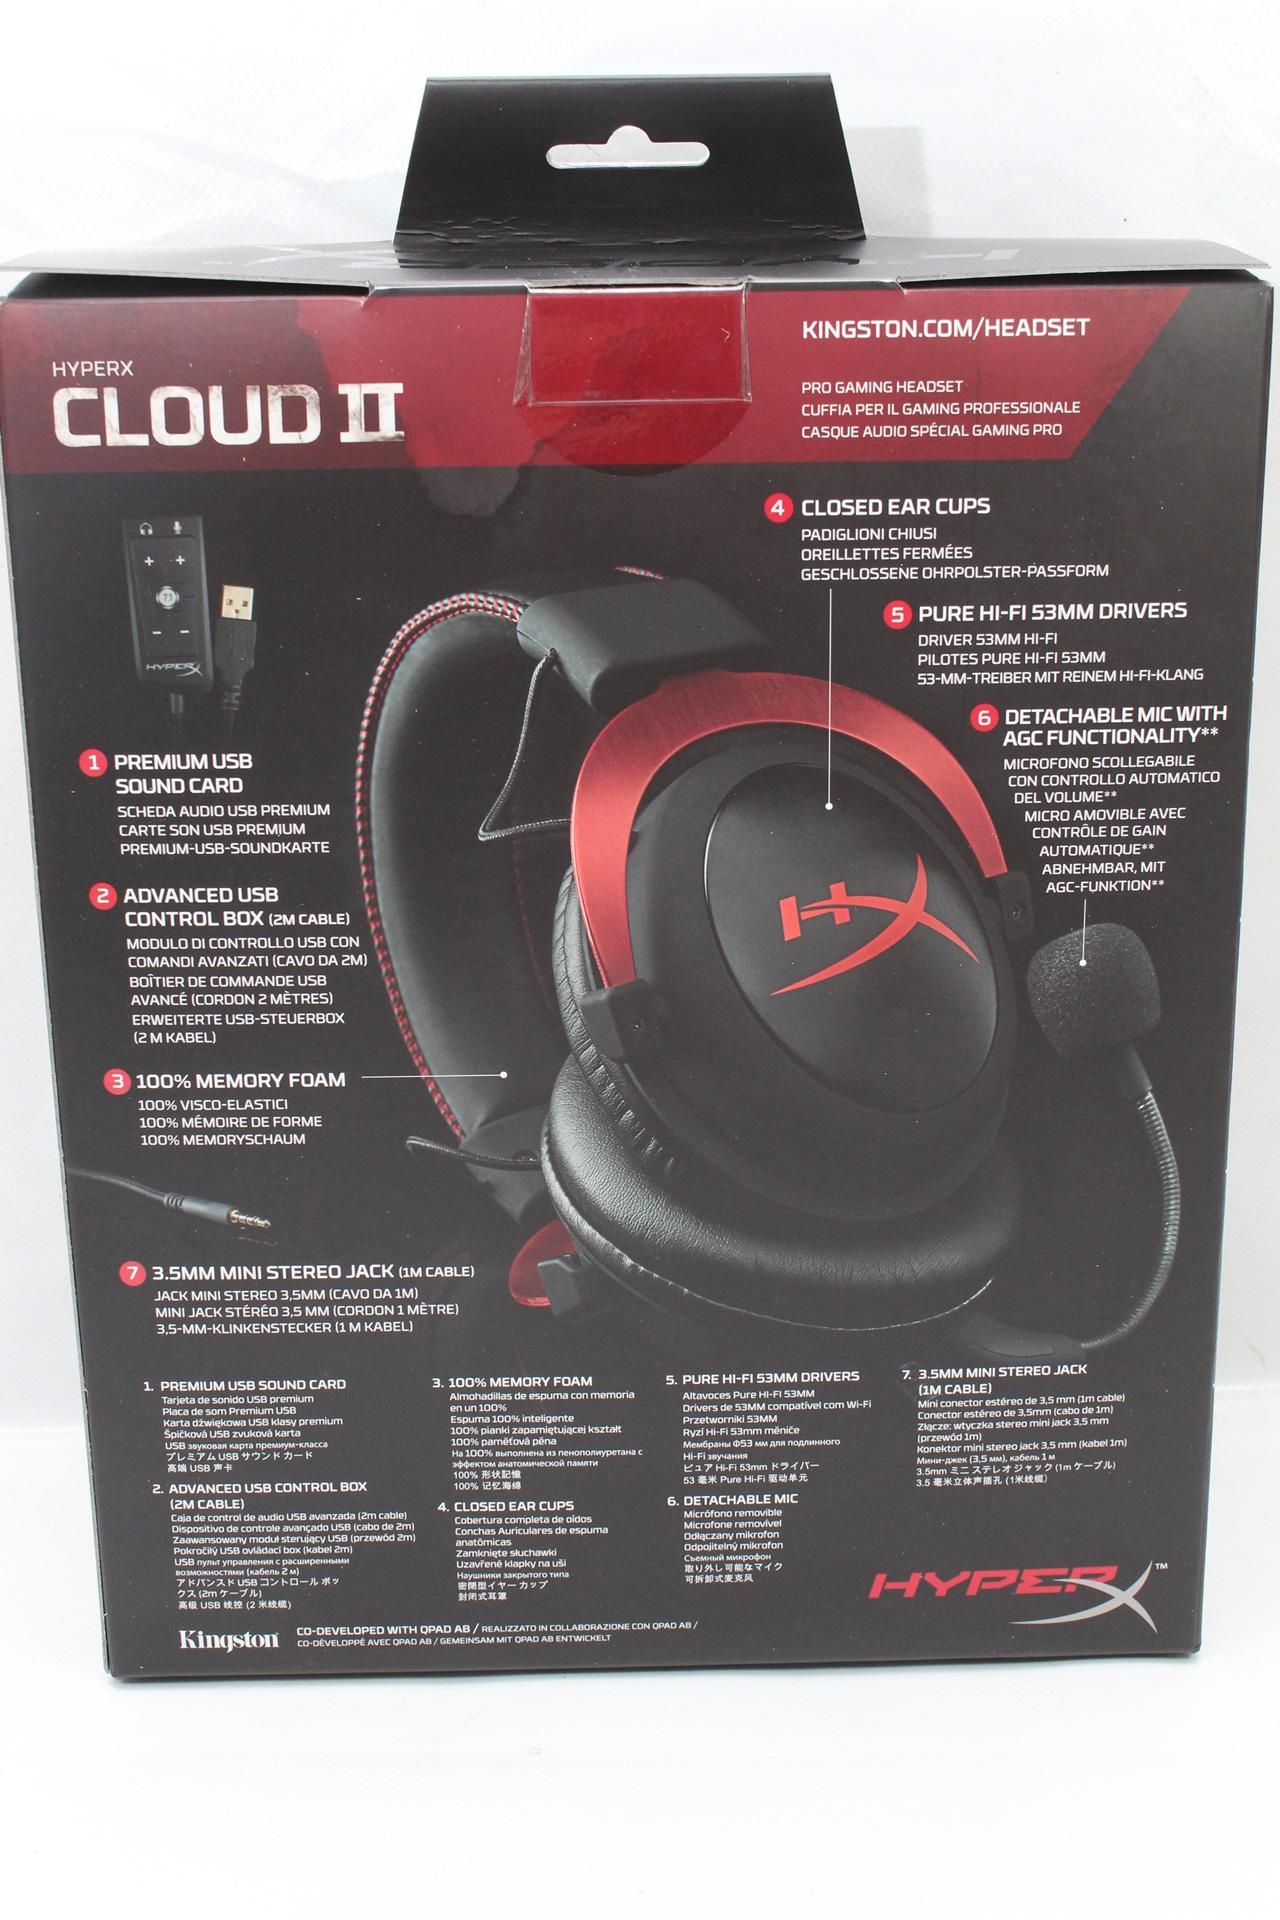 內建DSP音效卡,7.1聲道電競耳機,Kingston HyperX Cloud II更逼真的音效感受-Kingston,HyperX,金士頓,HyperX Cloud II,電競 ...